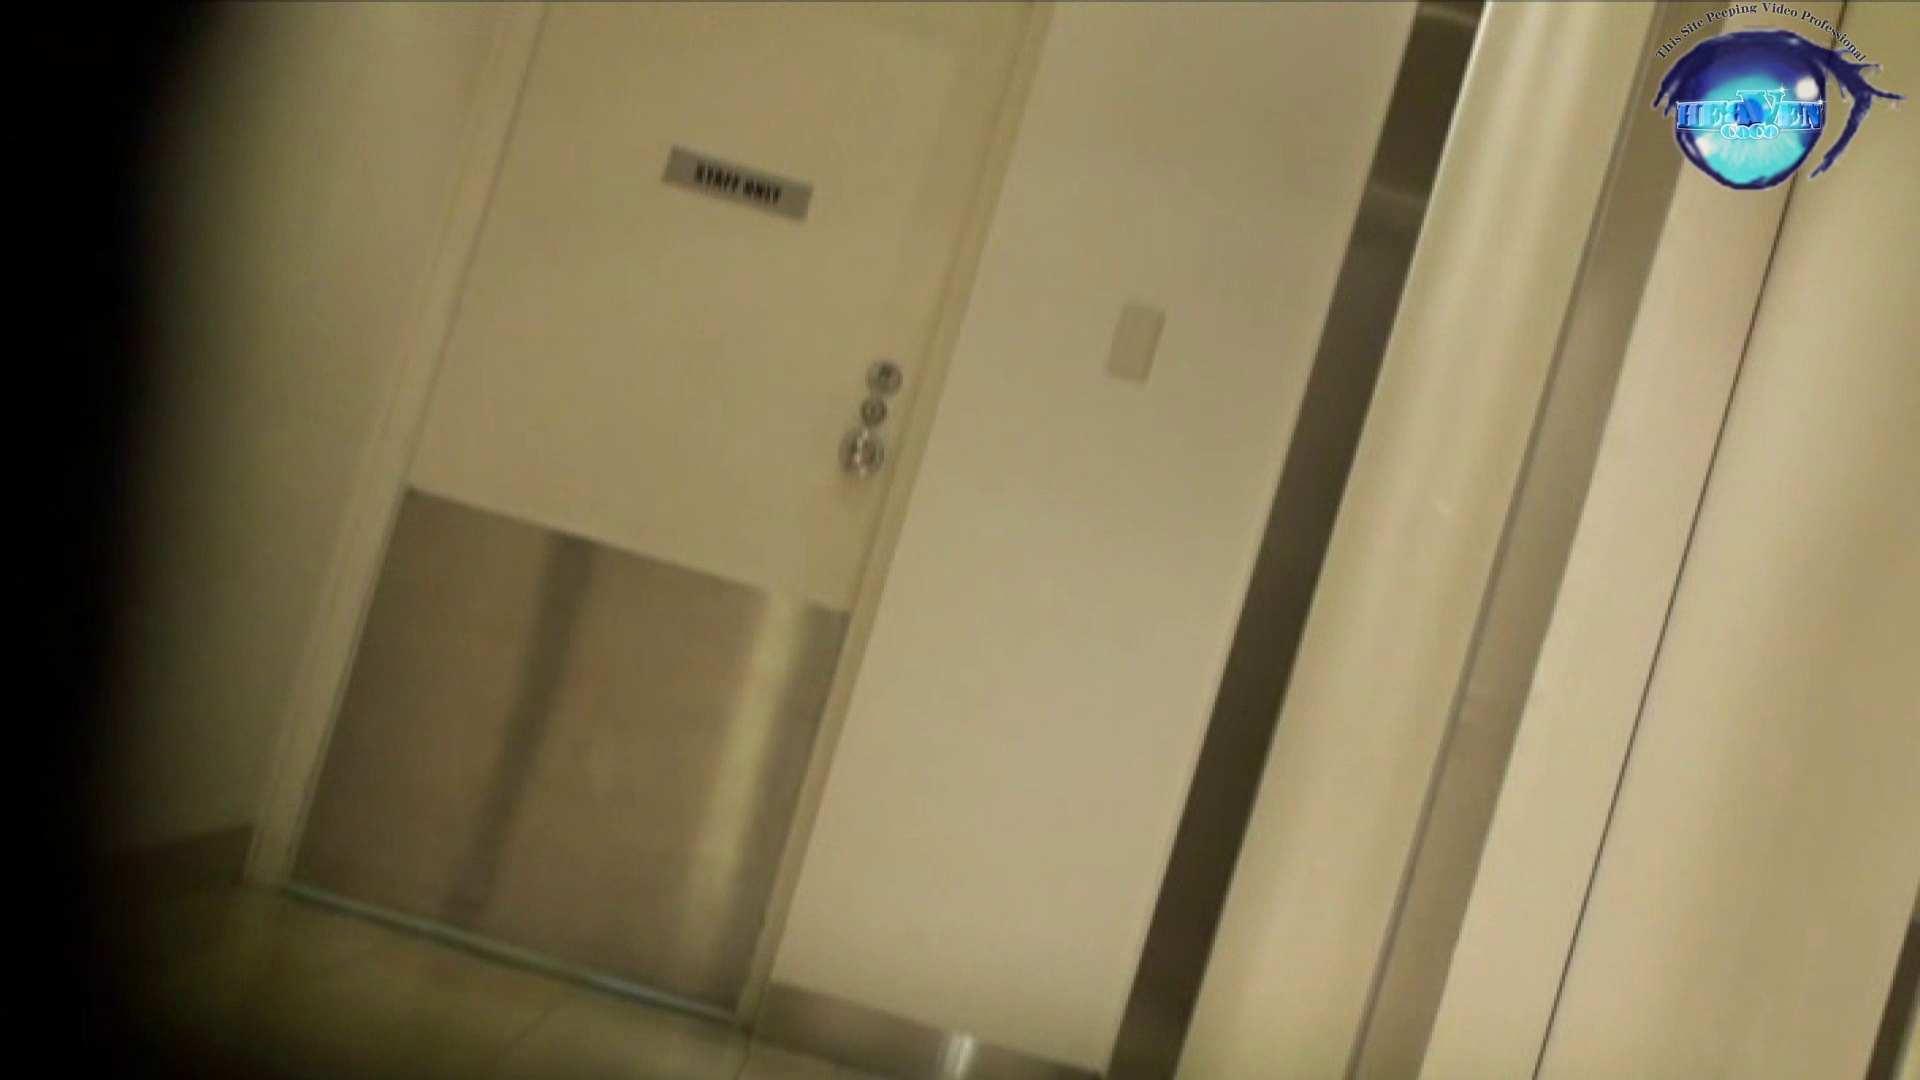 飛び出す黄金水!!!アトレ潜入 かわや盗撮 vol.07 綺麗なOLたち われめAV動画紹介 52枚 14